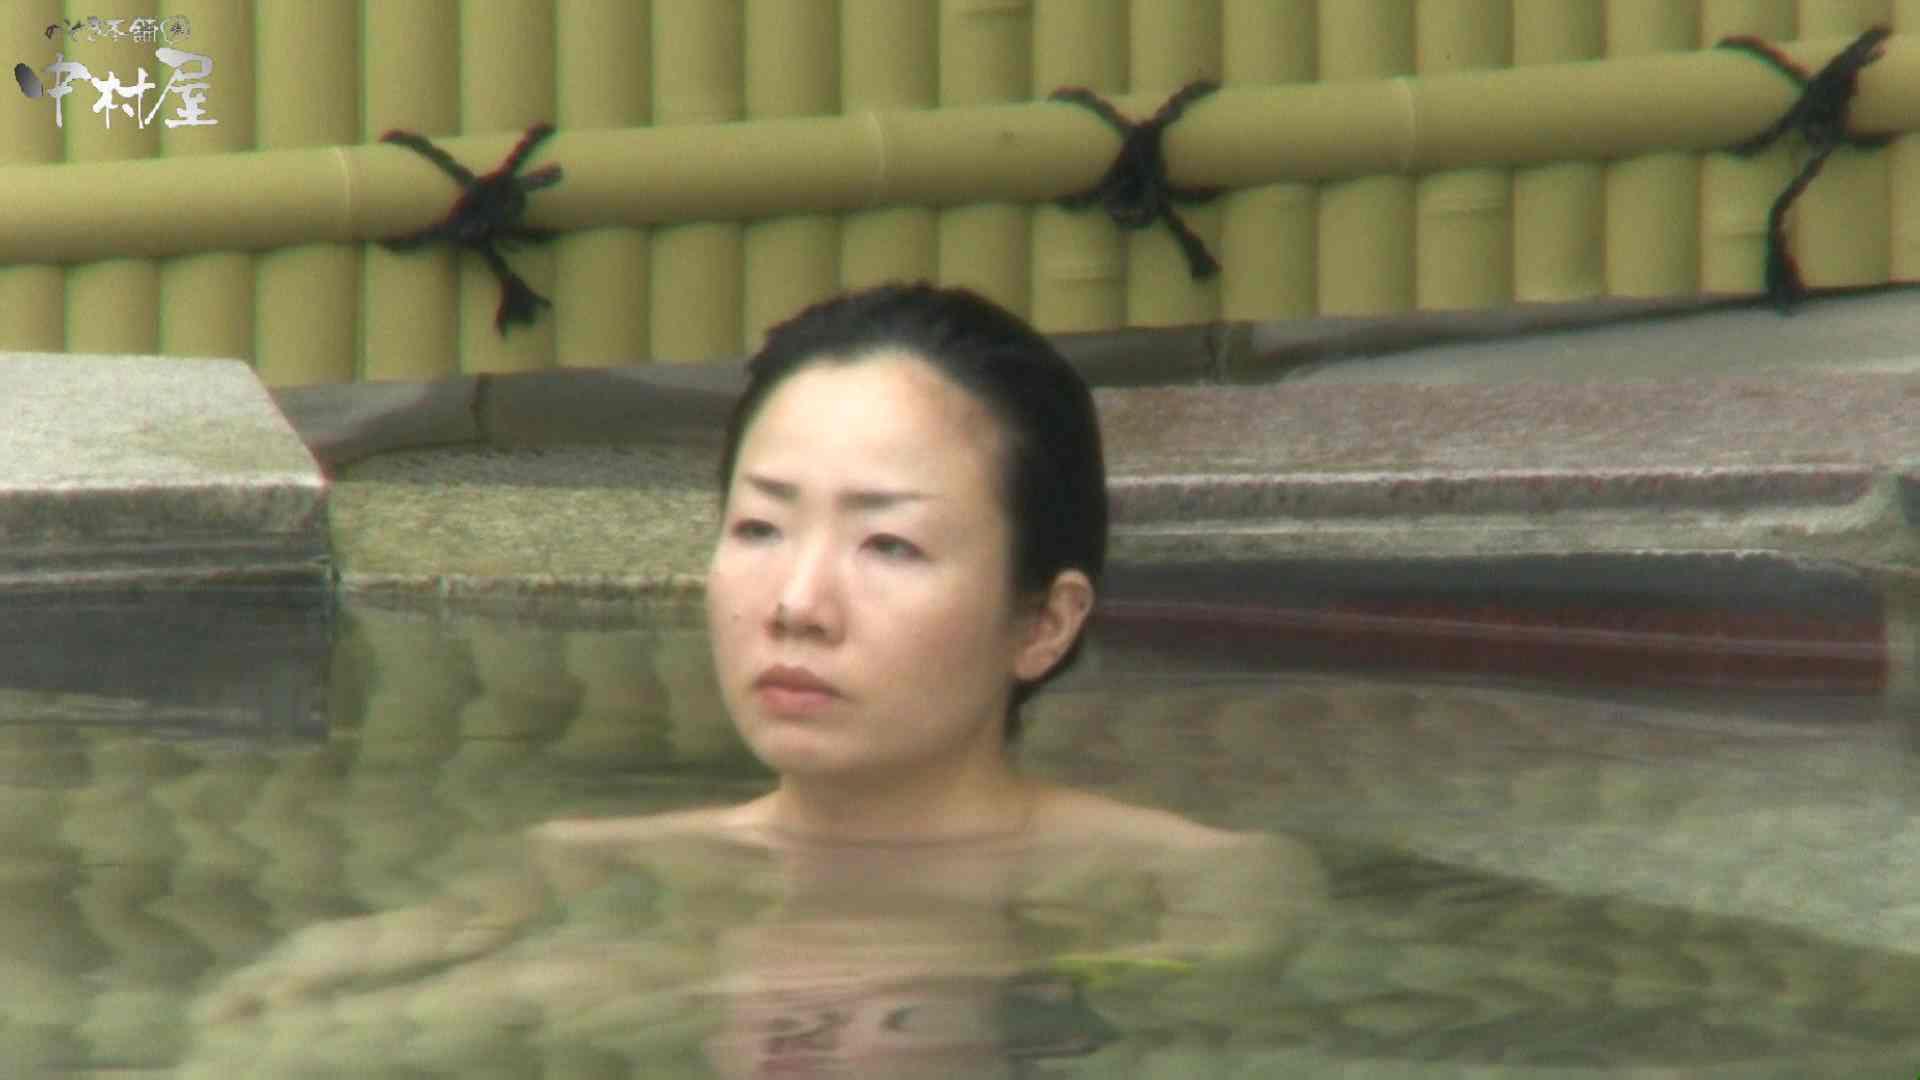 Aquaな露天風呂Vol.950 露天 | 盗撮  61画像 16